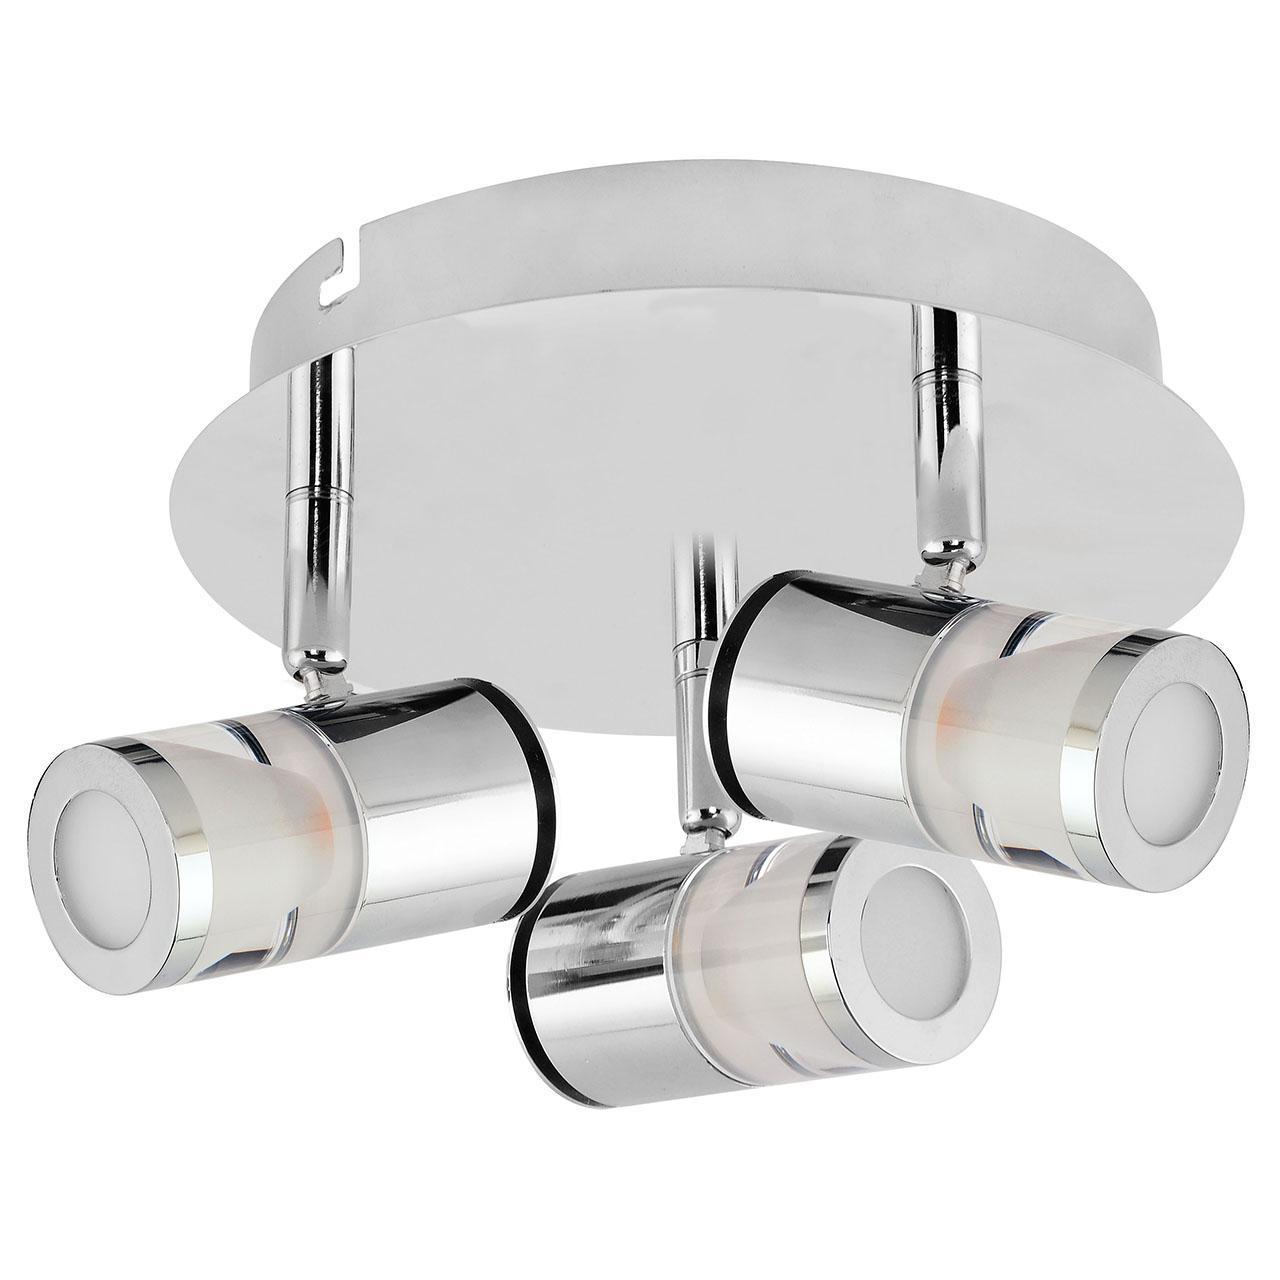 Светодиодный спот Horoz Assos 036-006-0001 светодиодный спот horoz assos 036 006 0001